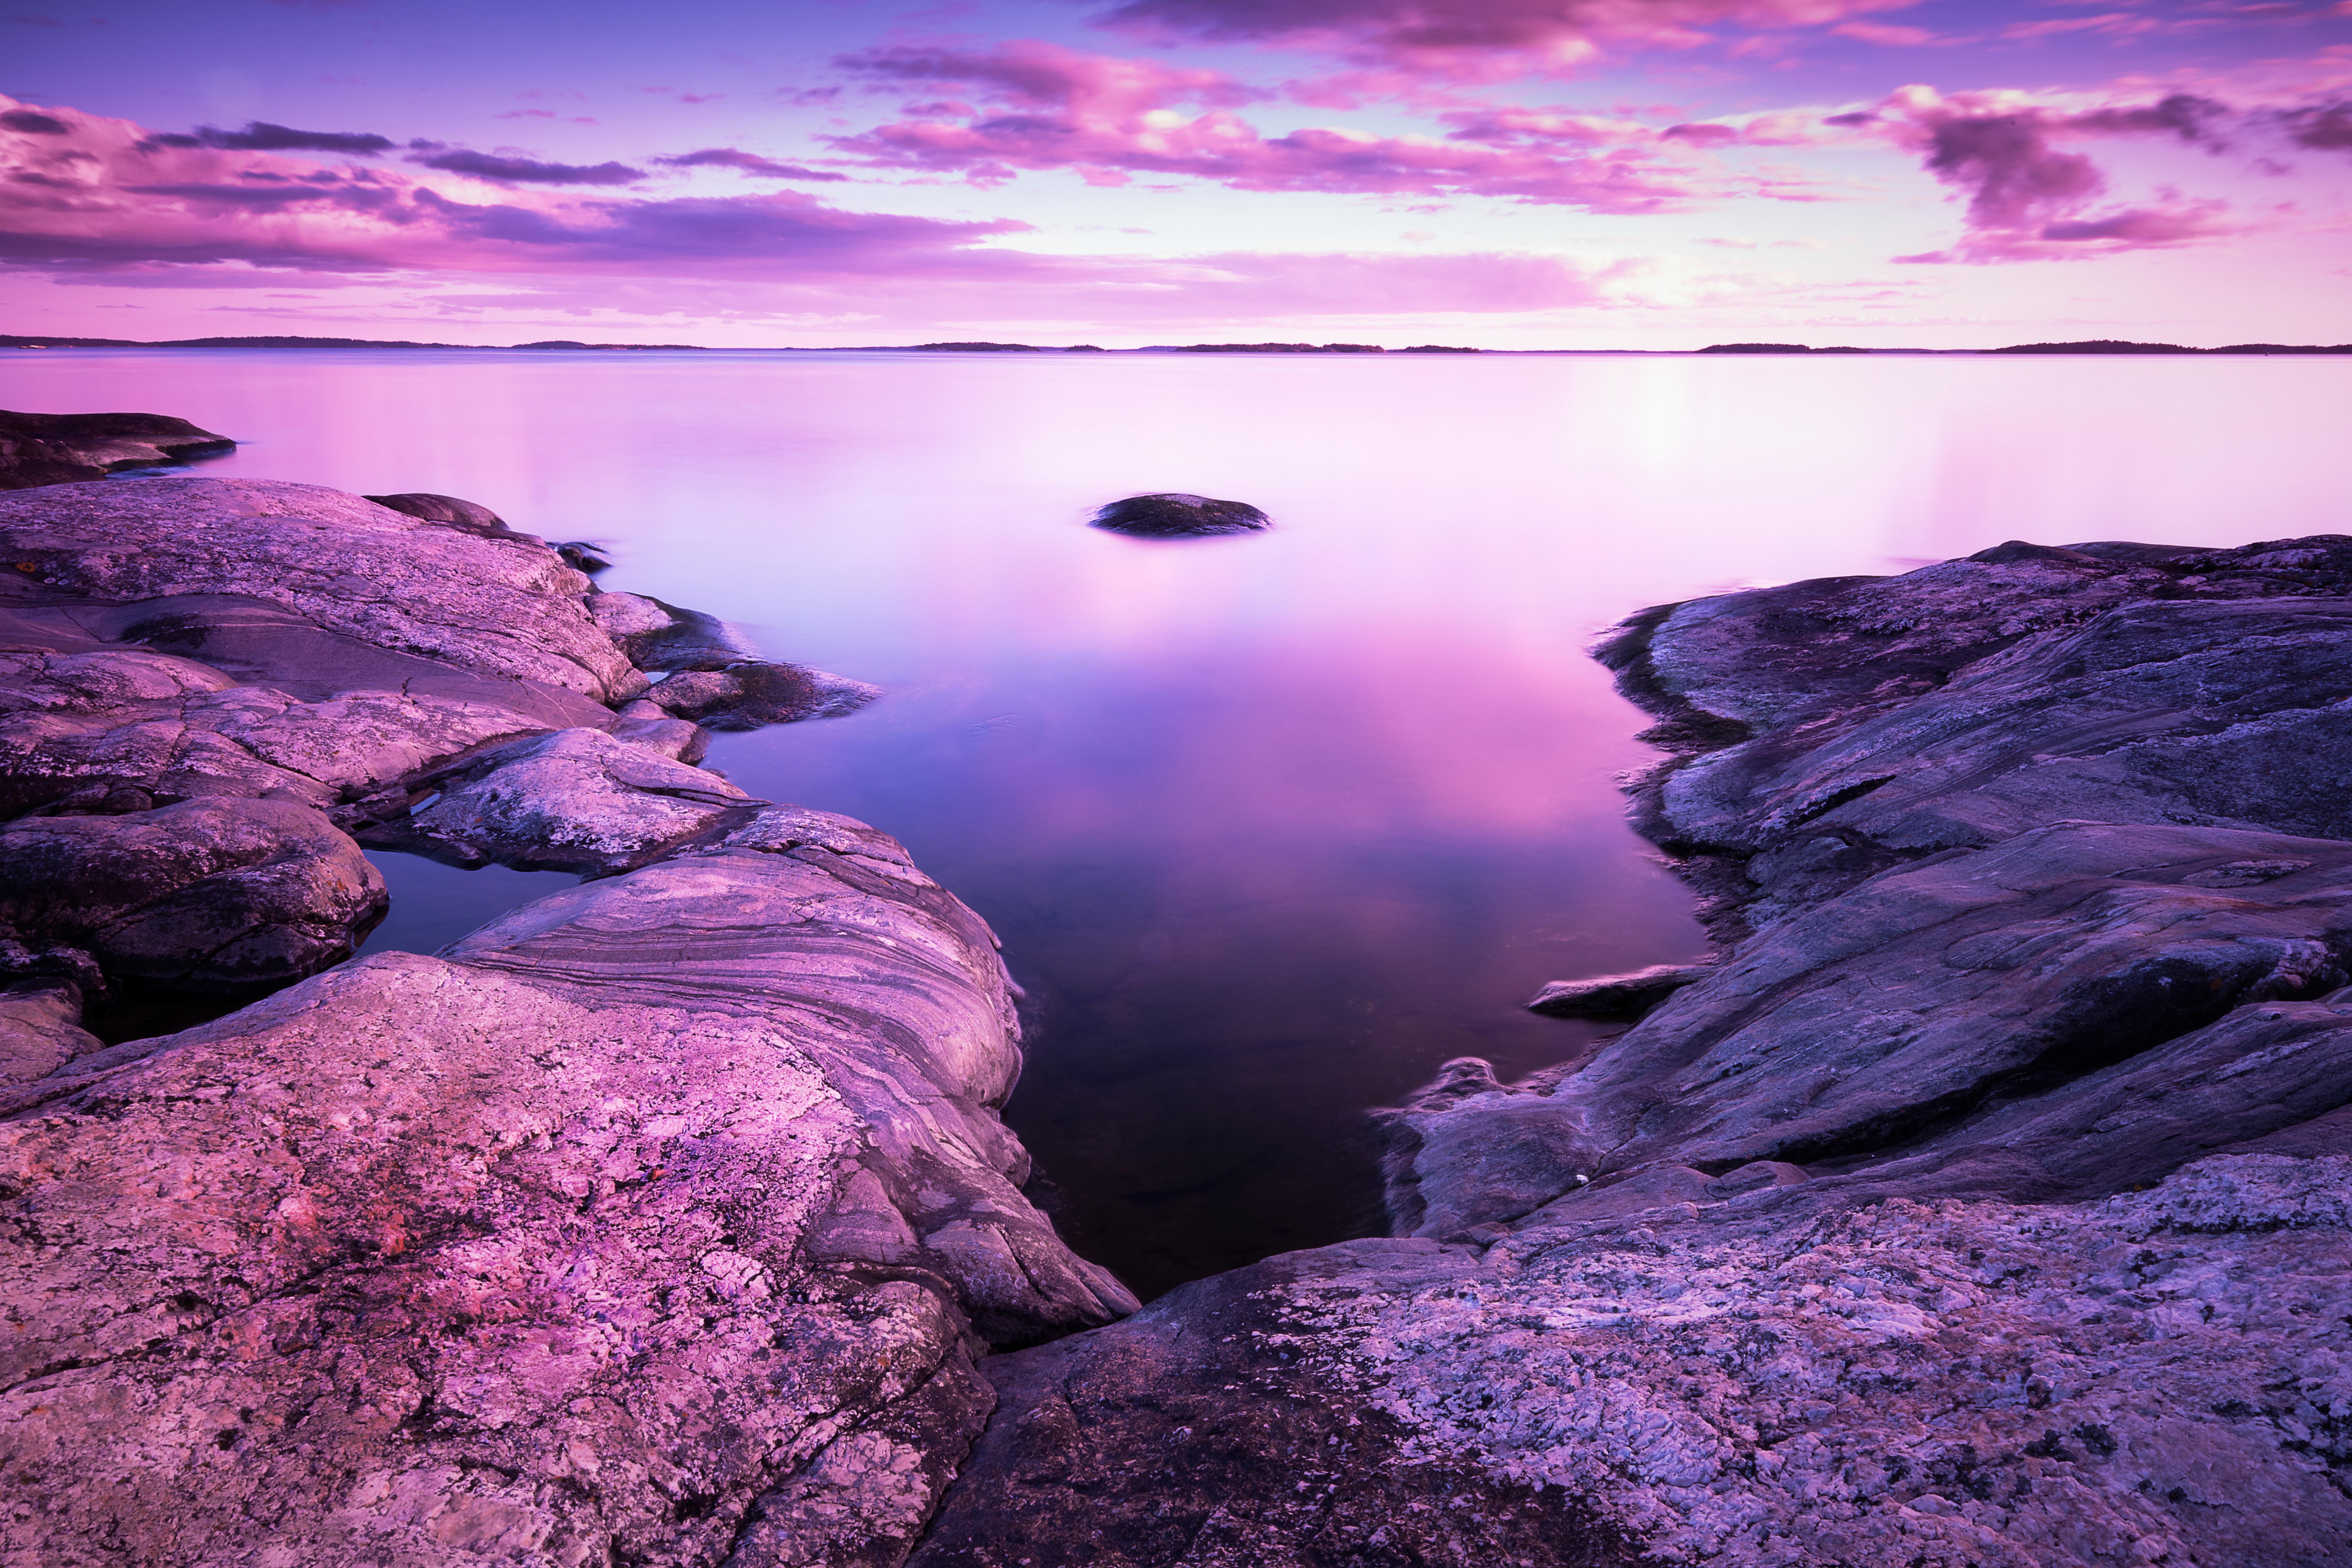 них море фиолетовых цветов картинки готическом стиле заостренные